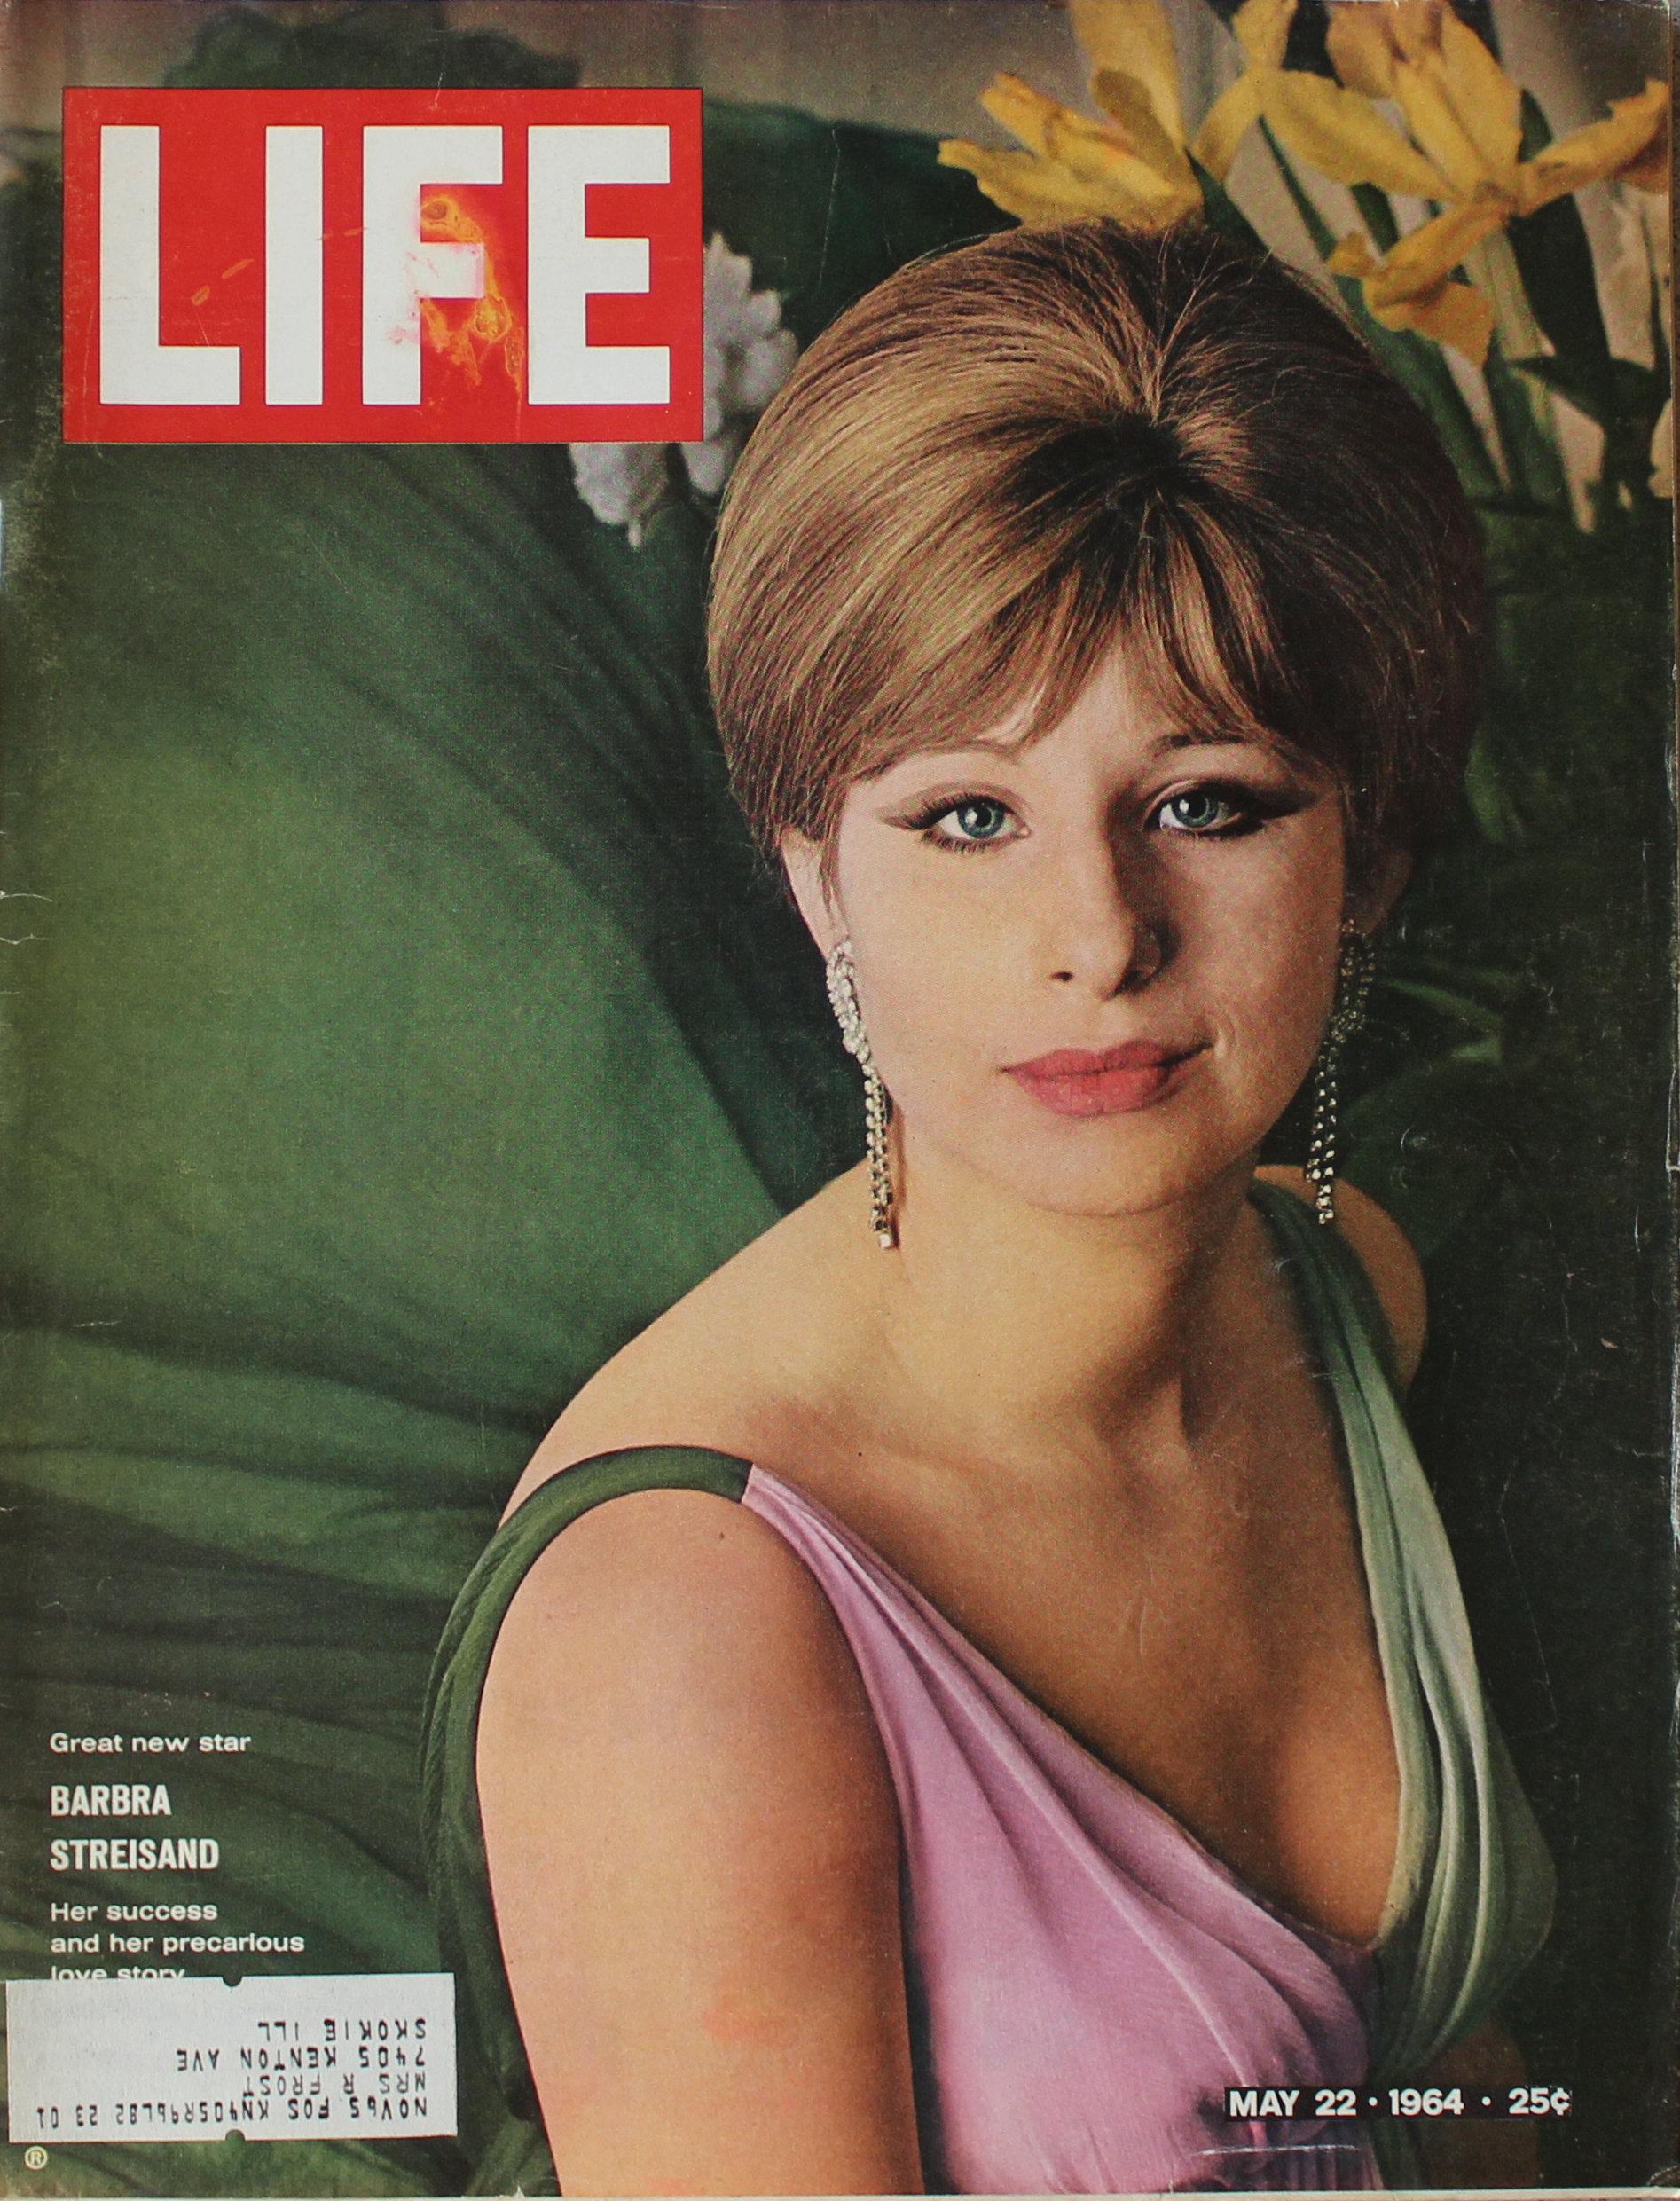 LIFE May 22, 1964